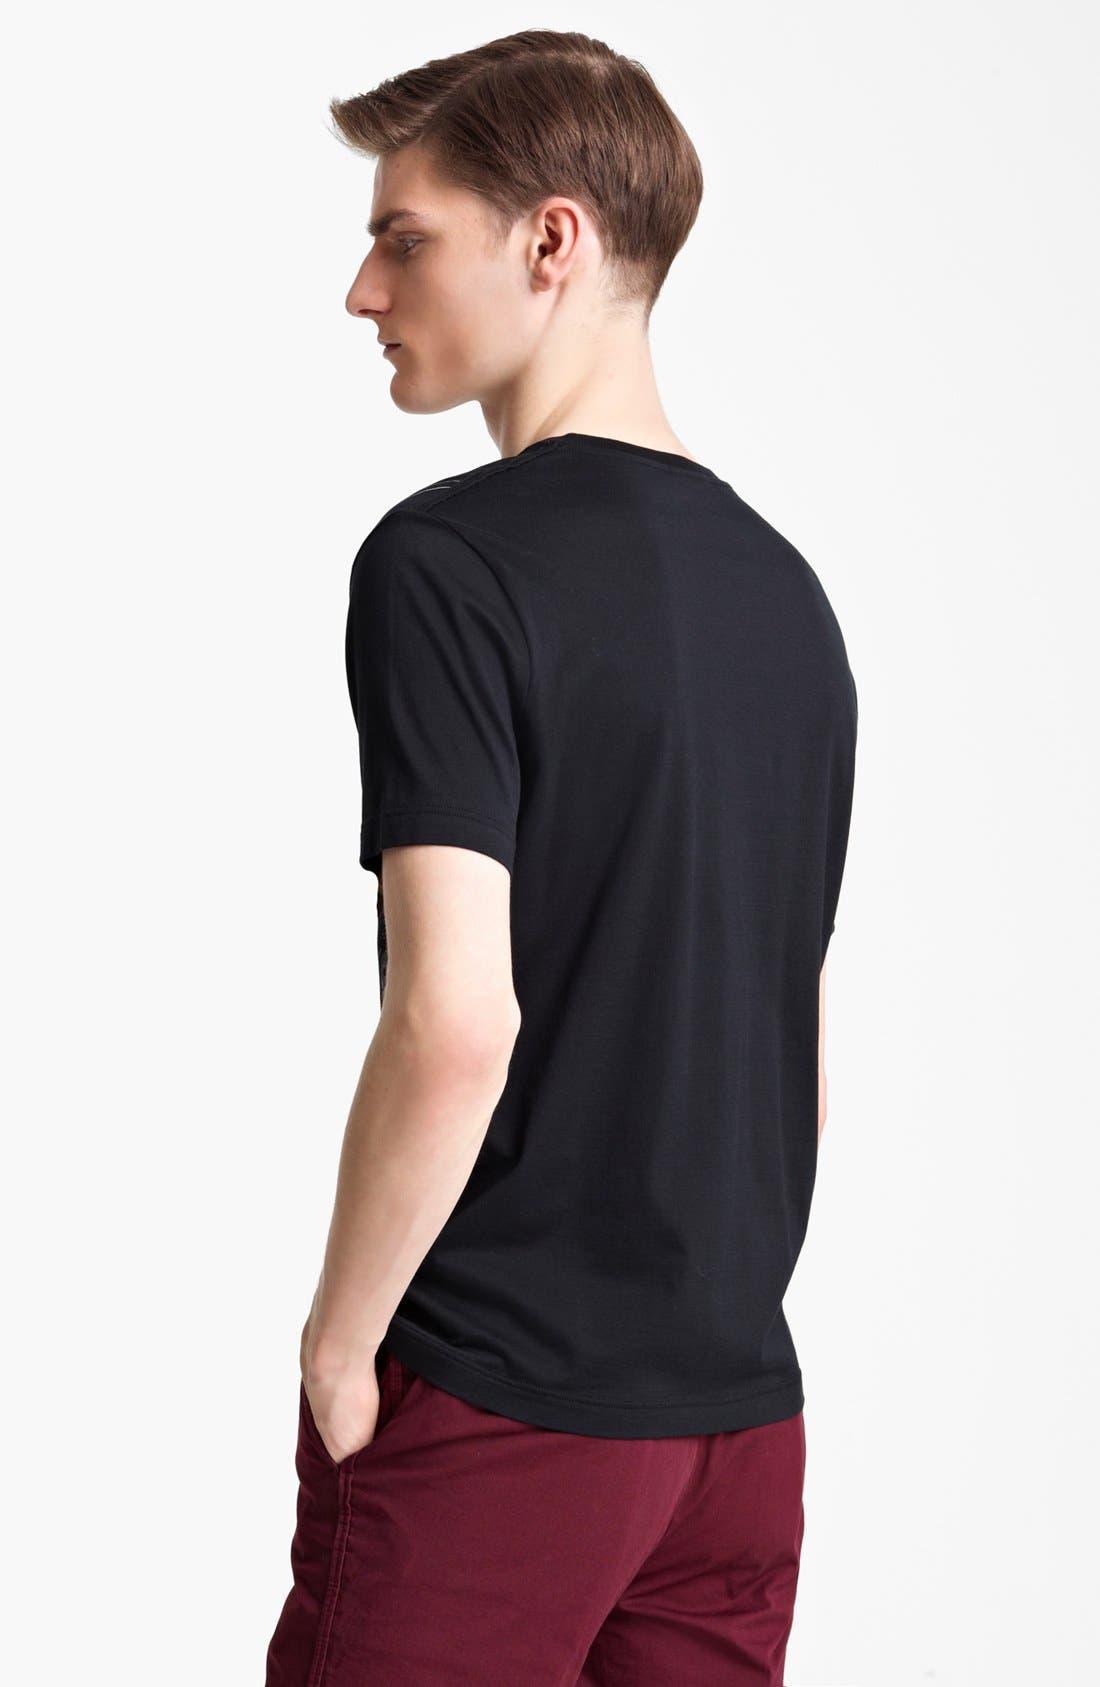 LANVIN,                             'Reverse Paris' Graphic T-Shirt,                             Alternate thumbnail 3, color,                             001